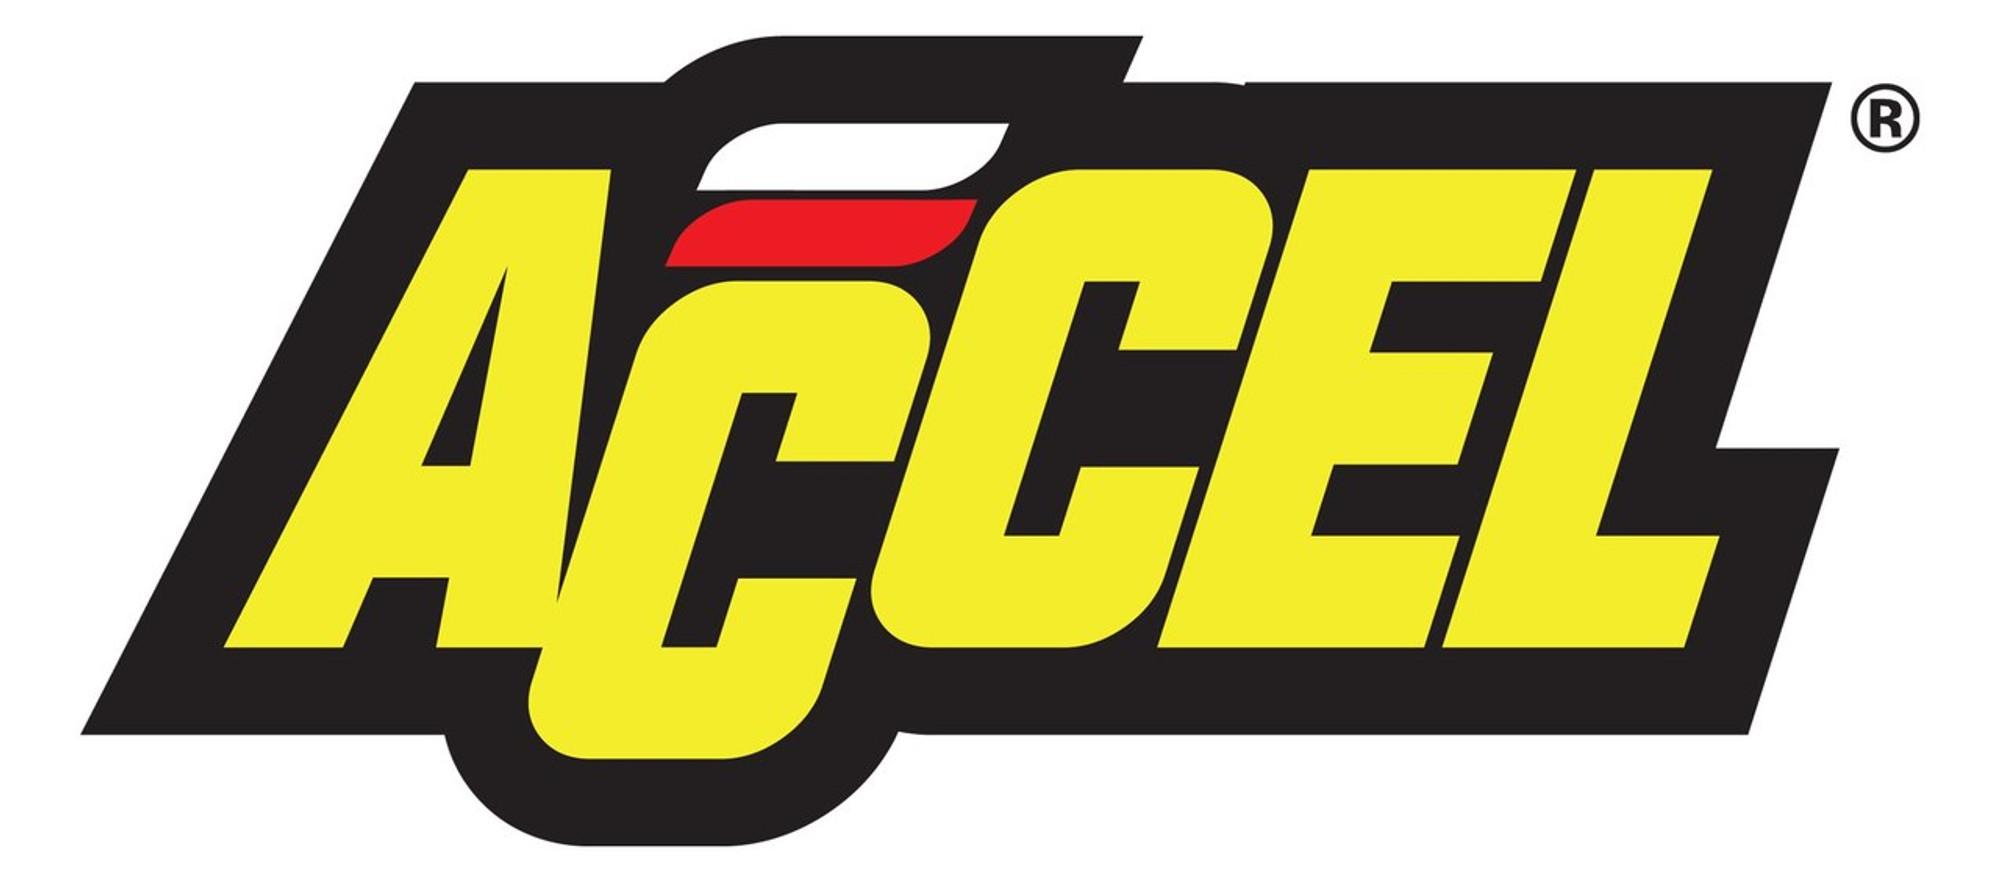 Accel 150819 Perf Fuel Injectors 19lb 8